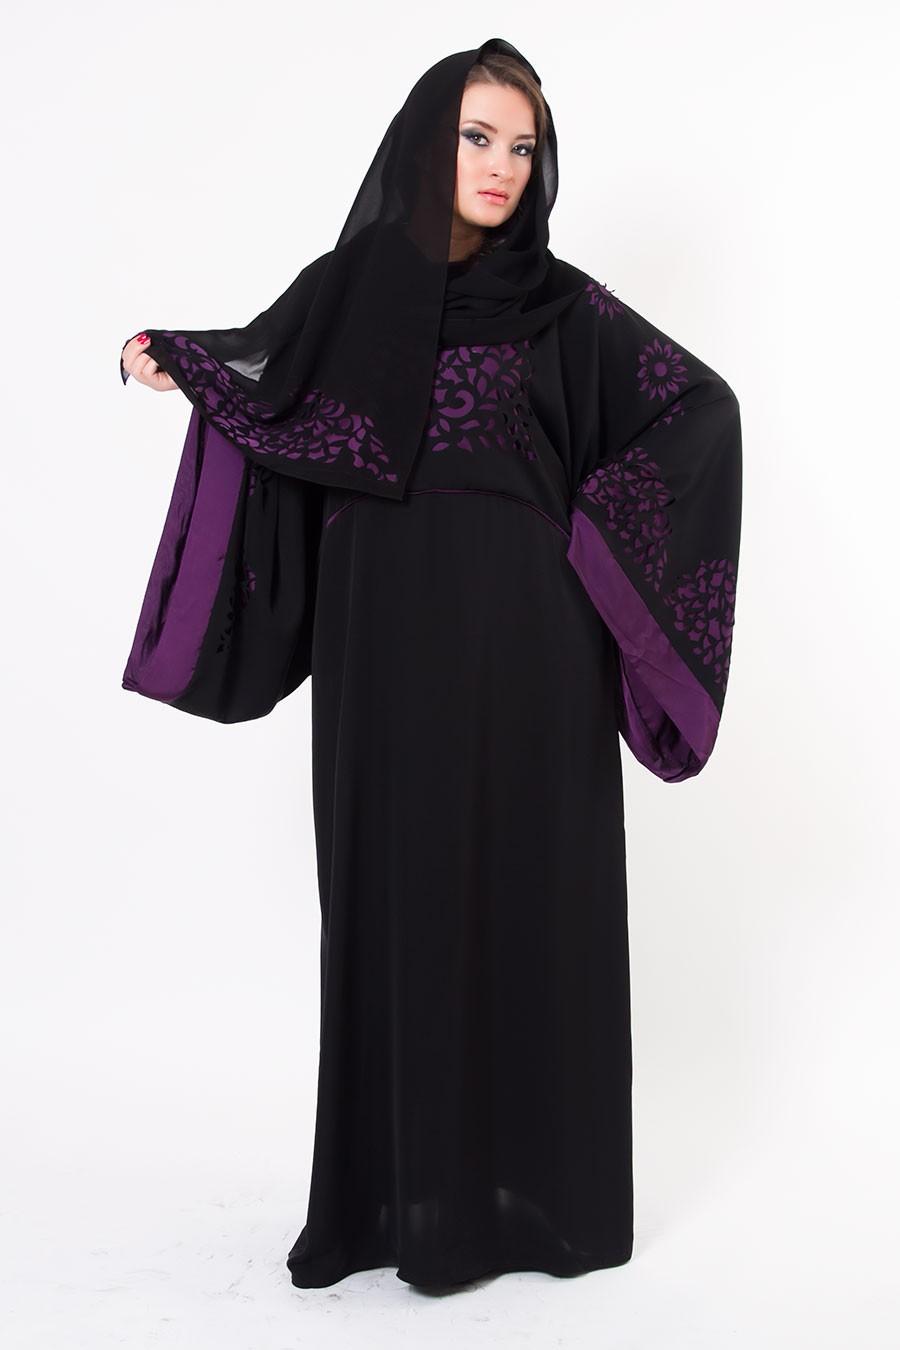 بالصور عباية اماراتية , اشيك صور عبايات اماراتية 2795 1